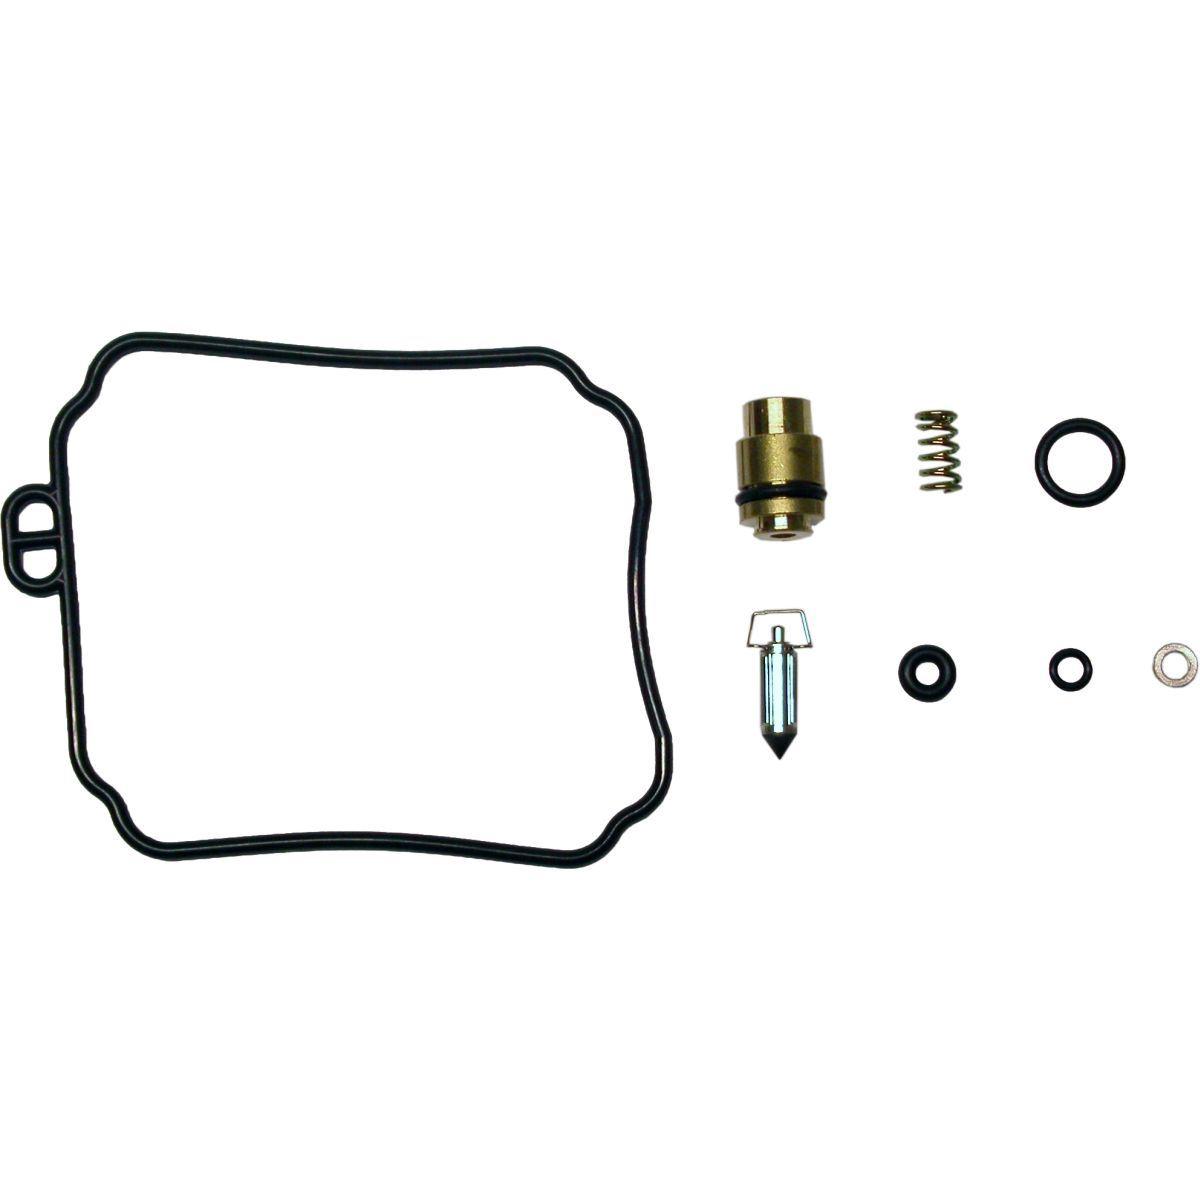 Aw Motorcycle Parts Carburettor Repair Kit Yamaha Xvs650